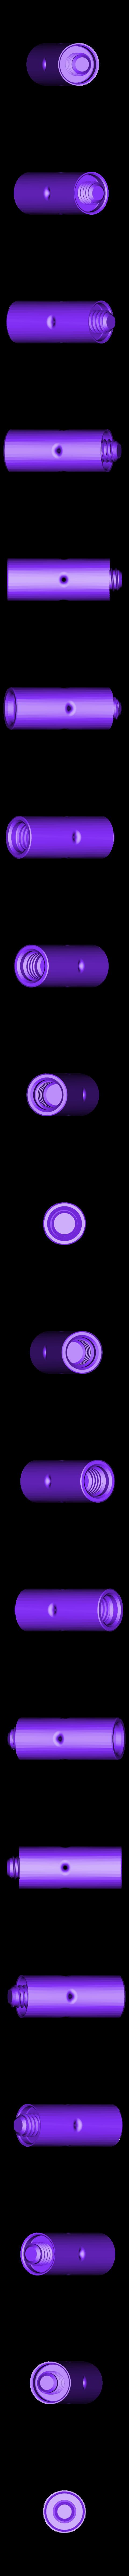 67mm_SmallRod.STL Télécharger fichier STL gratuit Le porte-bobine universel - Page principale • Design pour imprimante 3D, Balkhagal4D